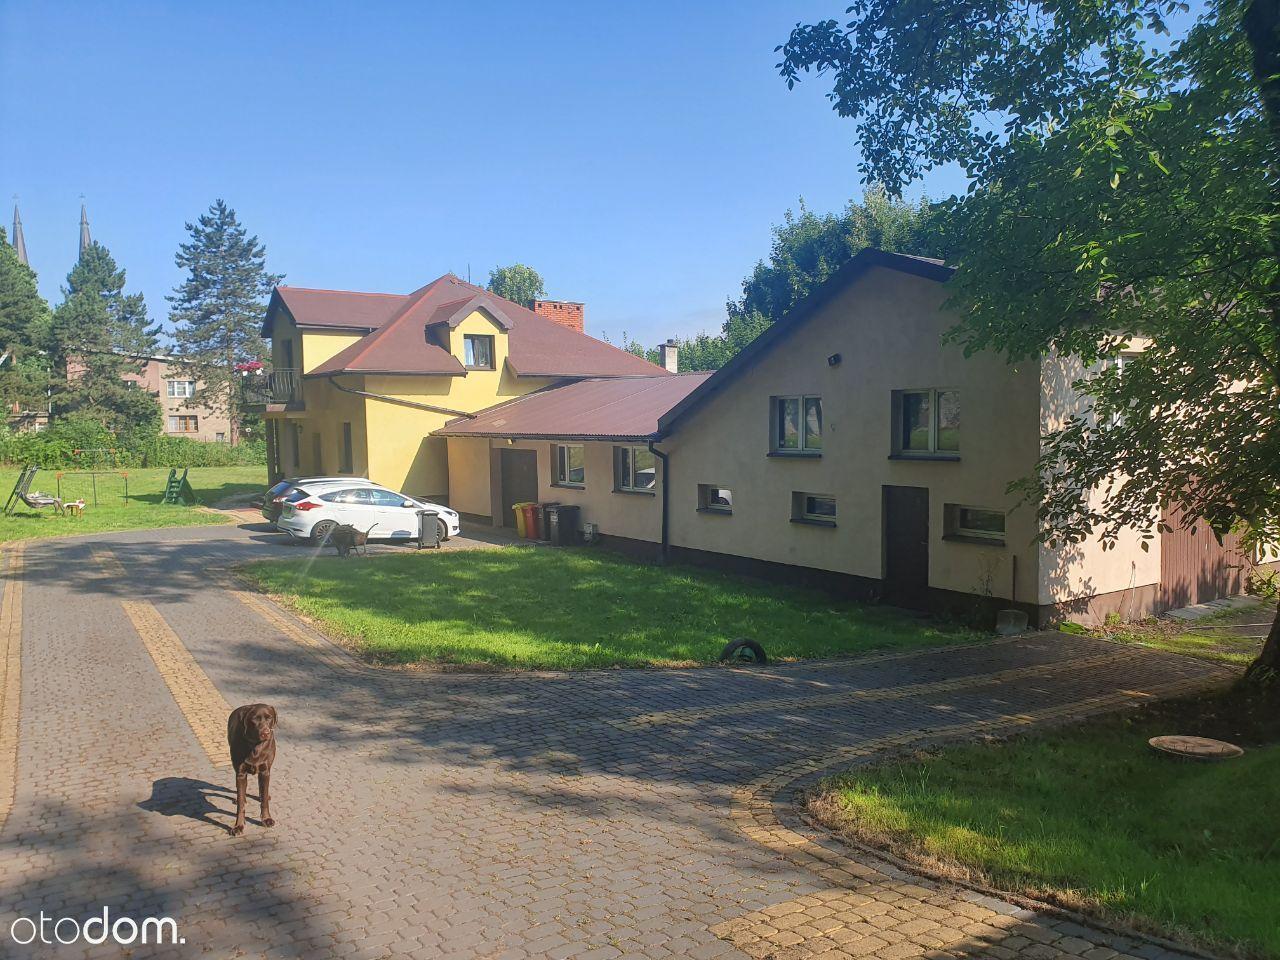 Dom na sprzedaż w pięknym położeniuBez pośredników